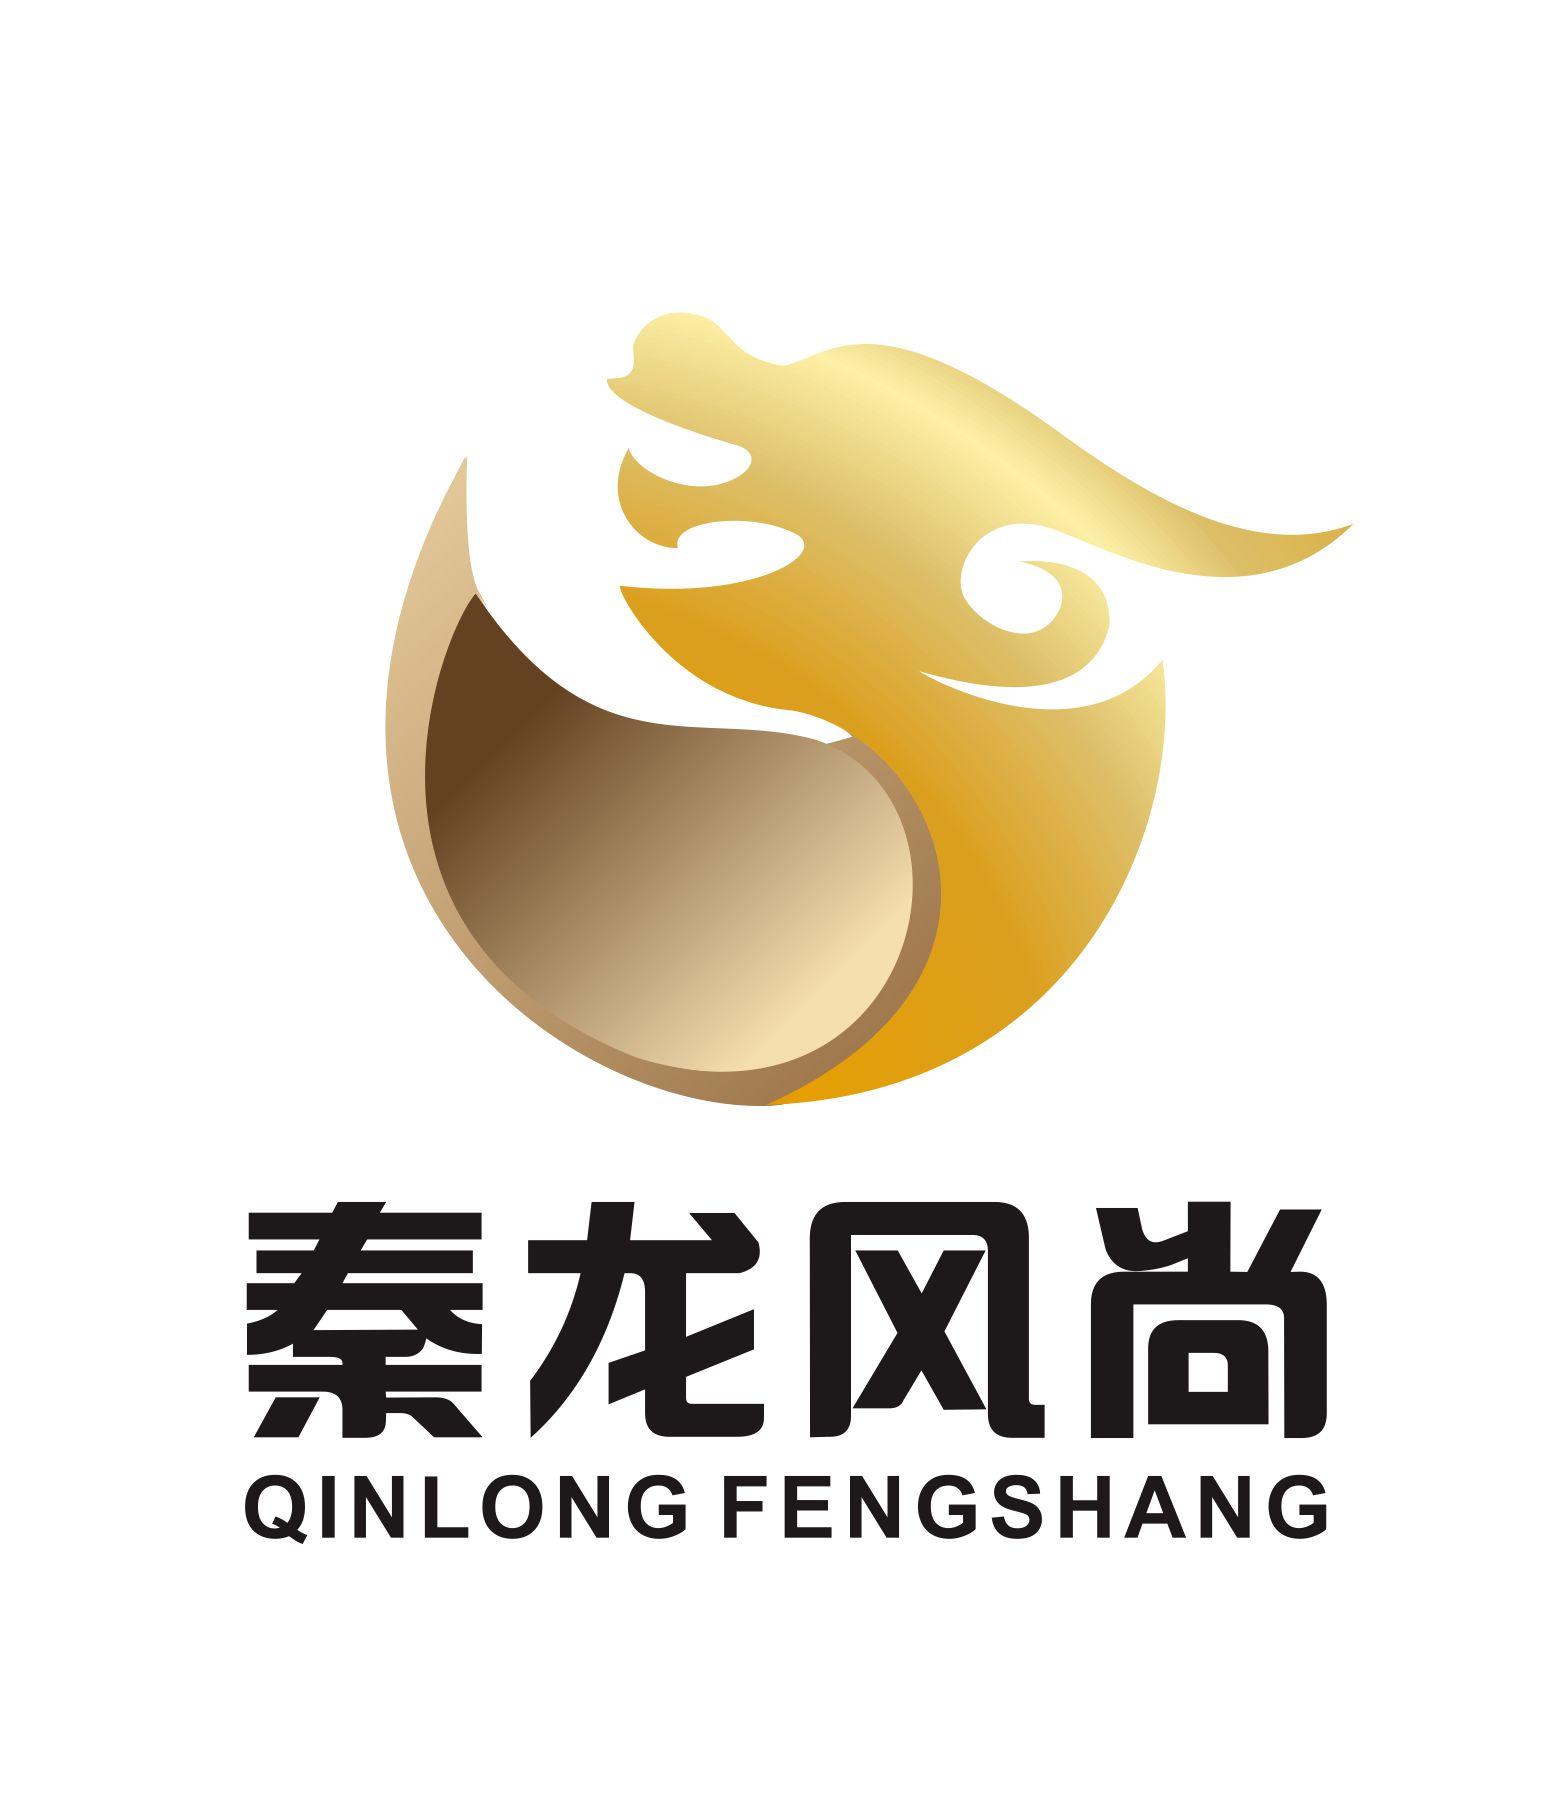 贵州秦龙风尚装饰设计工程有限公司